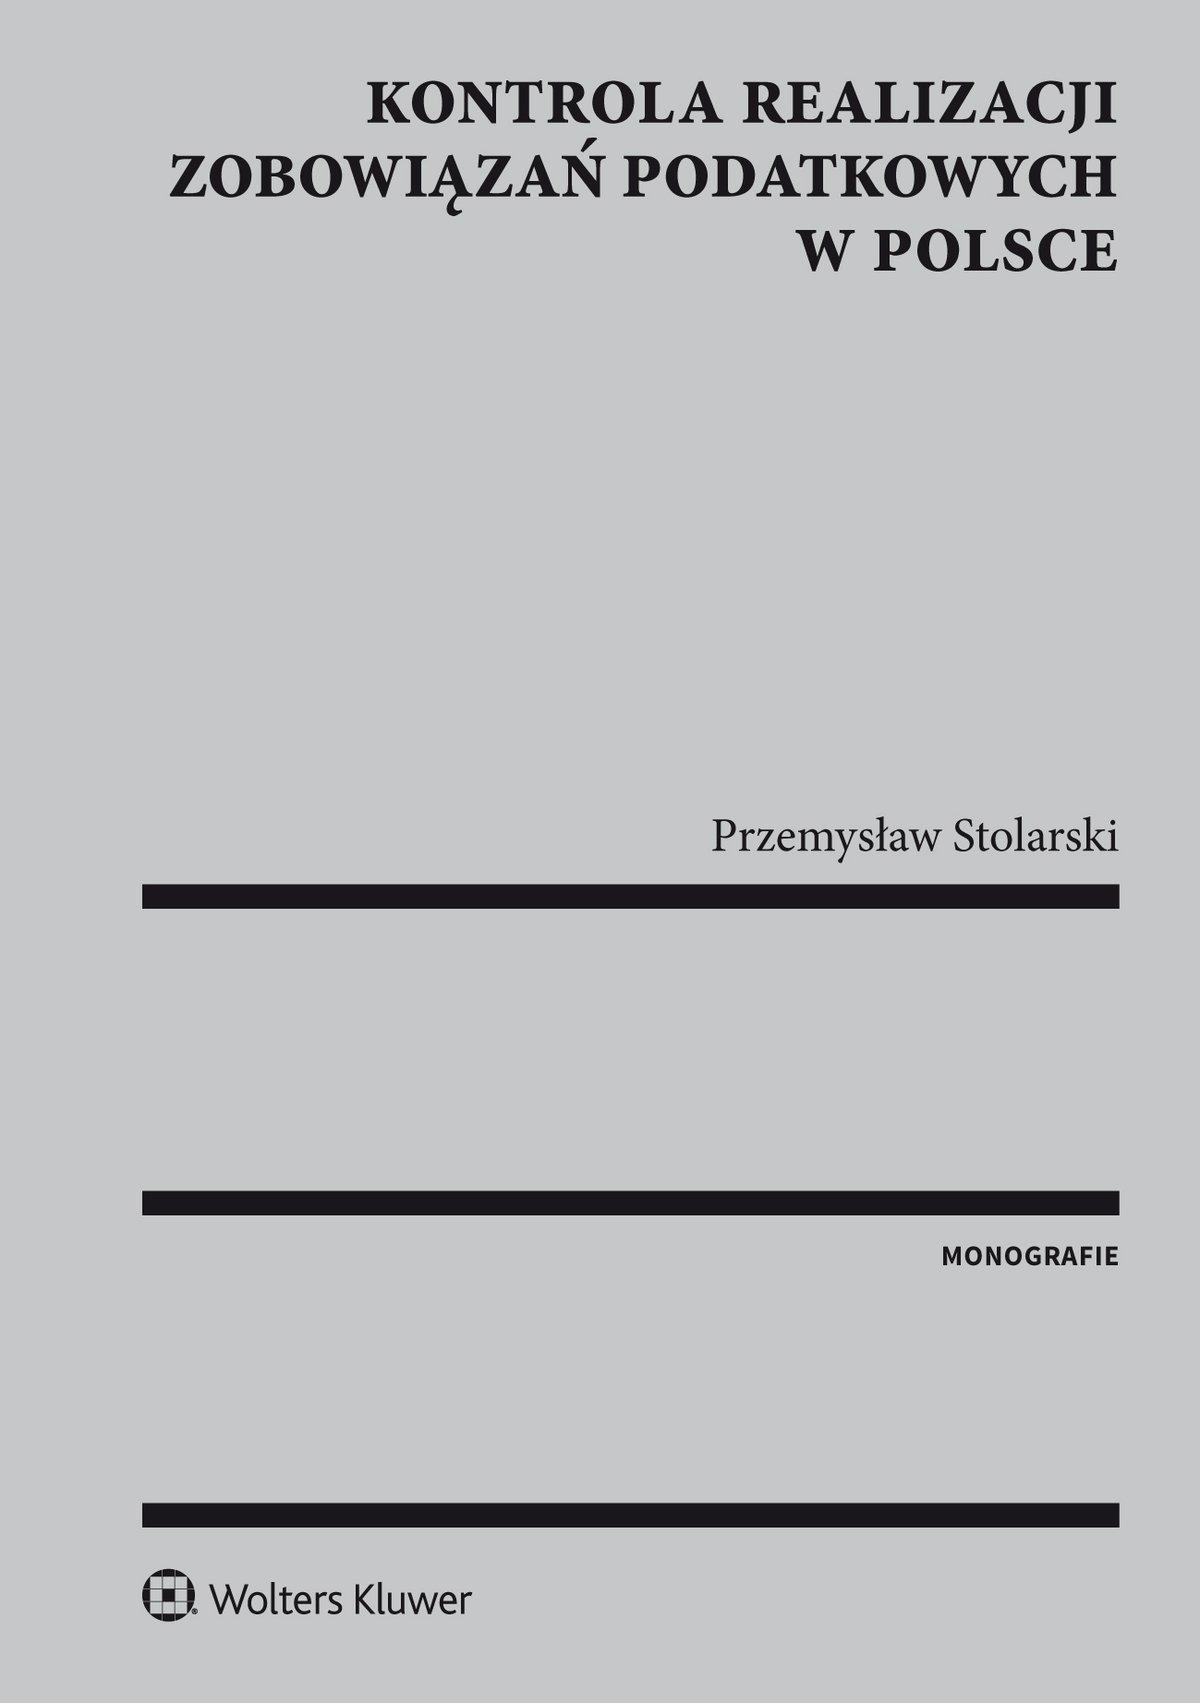 Kontrola realizacji zobowiązań podatkowych w Polsce - Ebook (Książka PDF) do pobrania w formacie PDF